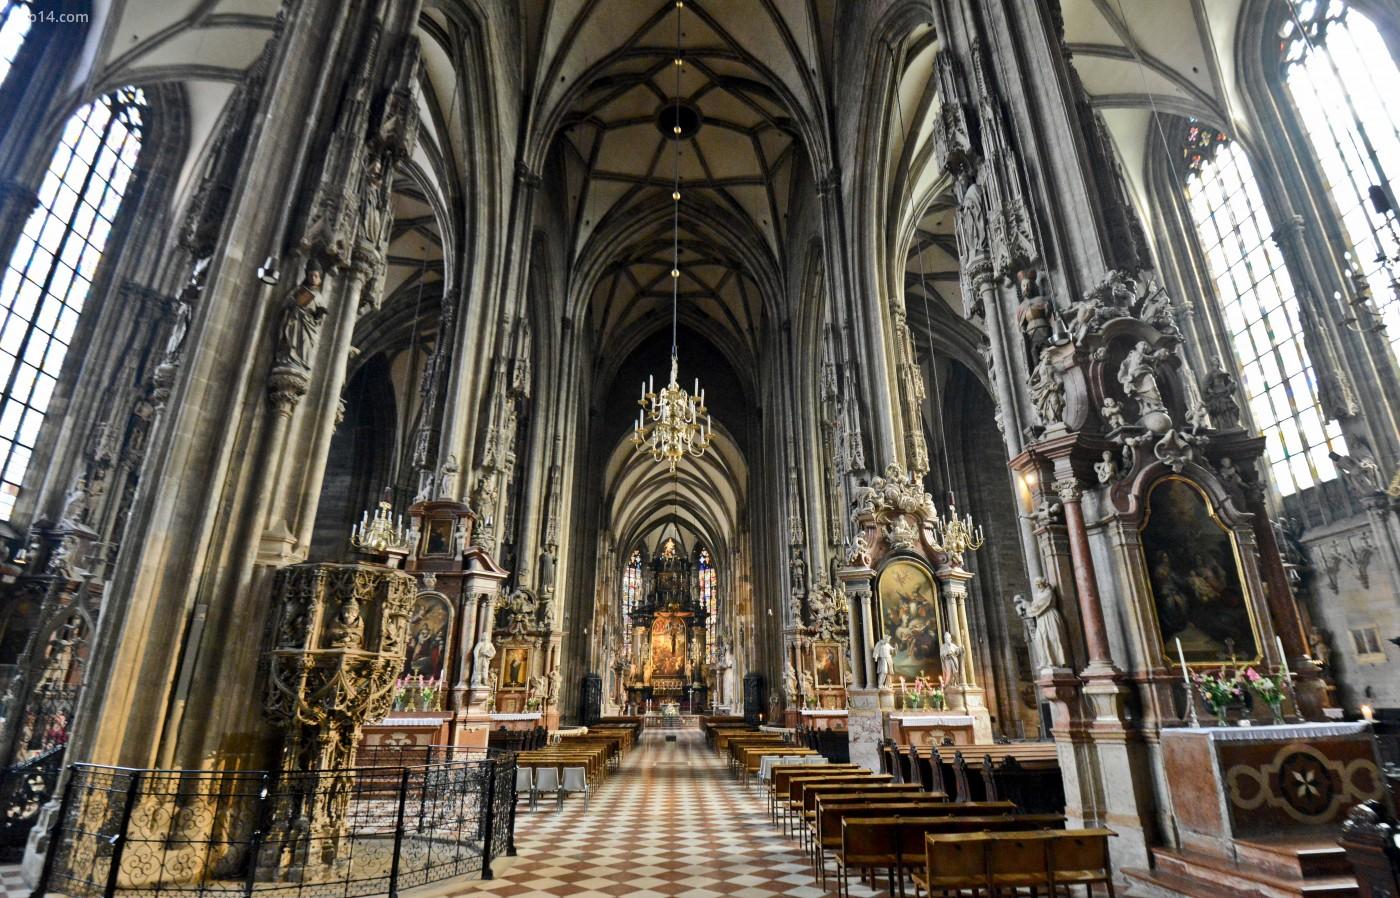 Nội thất Nhà thờ St. Stephen (Stephansdom). Thủ đô Viên, nước Áo. - Trip14.com